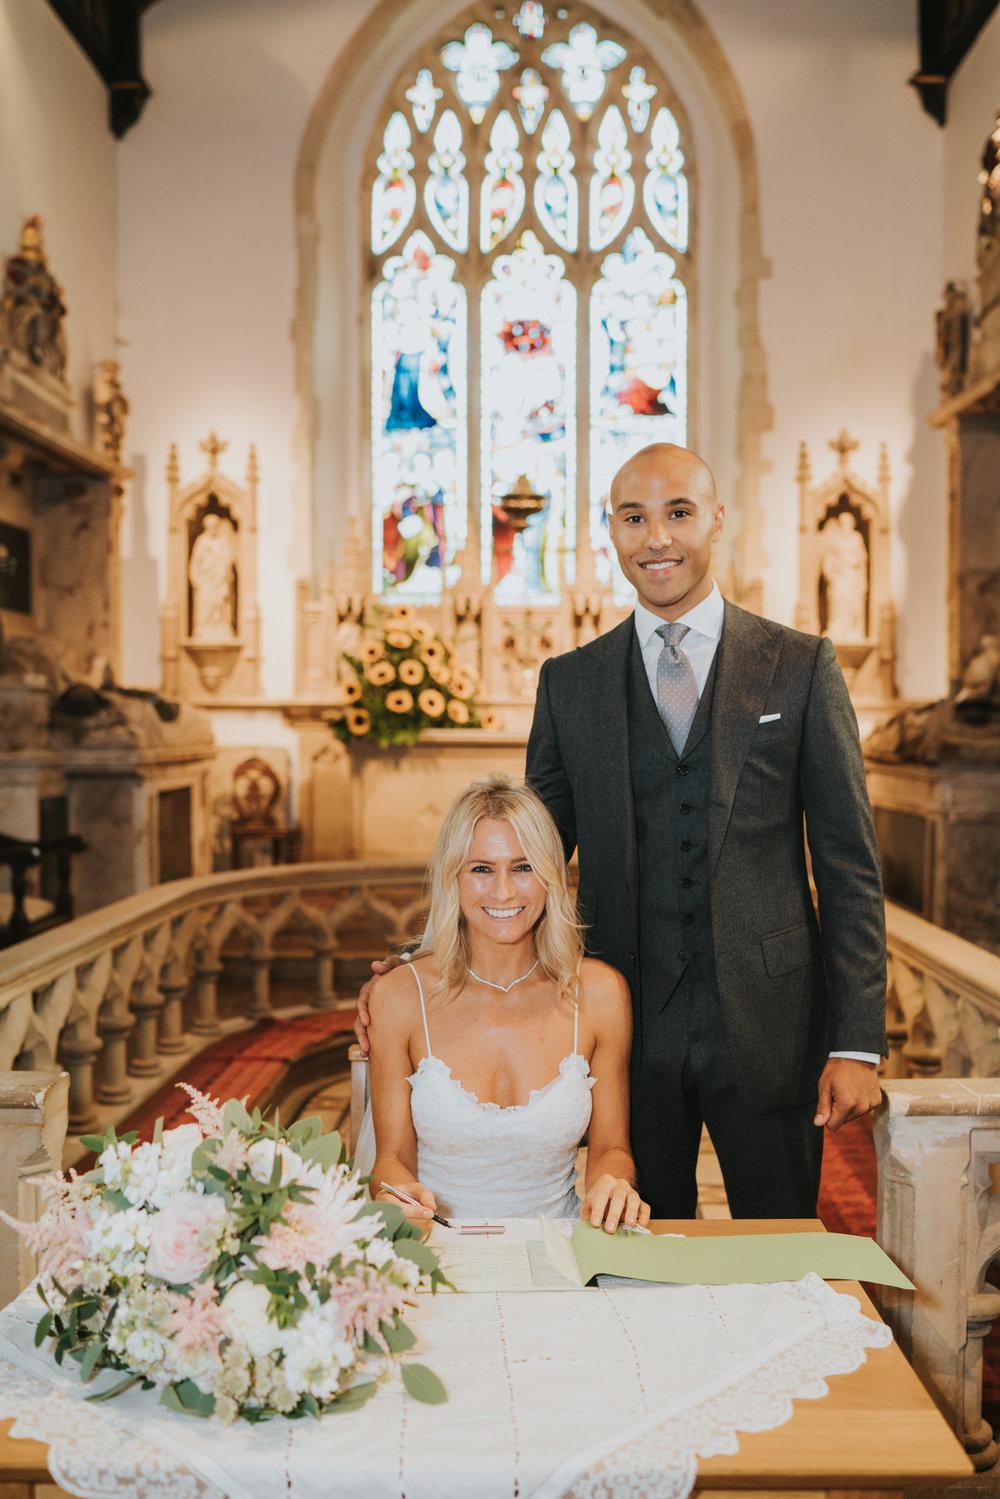 intimate-english-church-wedding-sarah-alex-colchester-essex-grace-elizabeth-colchester-essex-alternative-wedding-lifestyle-photographer-essex-suffolk-norfolk-devon (56 of 92).jpg